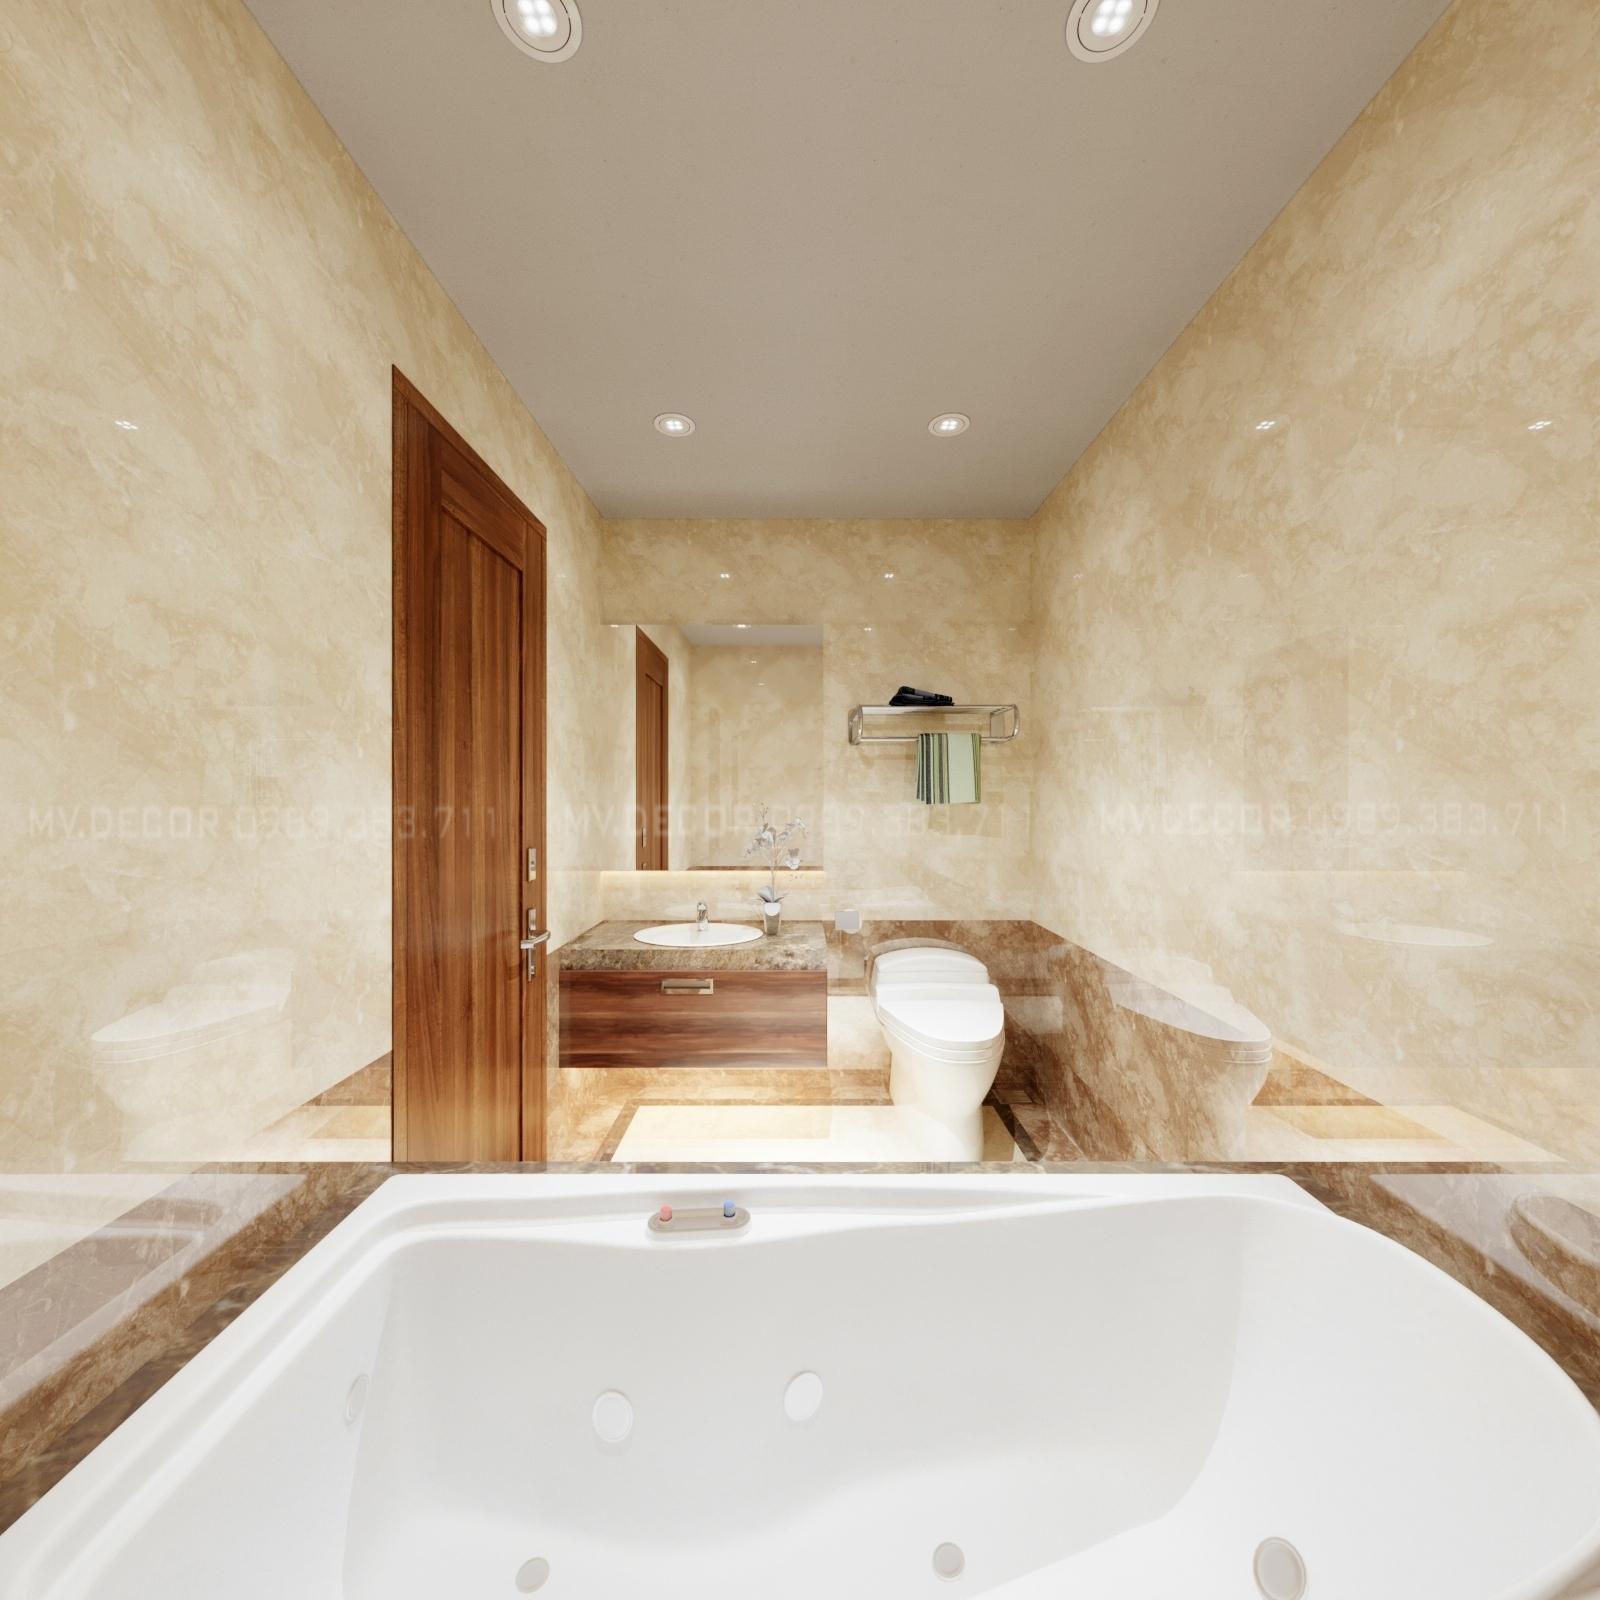 thiết kế nội thất Khách Sạn tại Hải Phòng căn hộ khách sạn cho thuê  13 1562943967